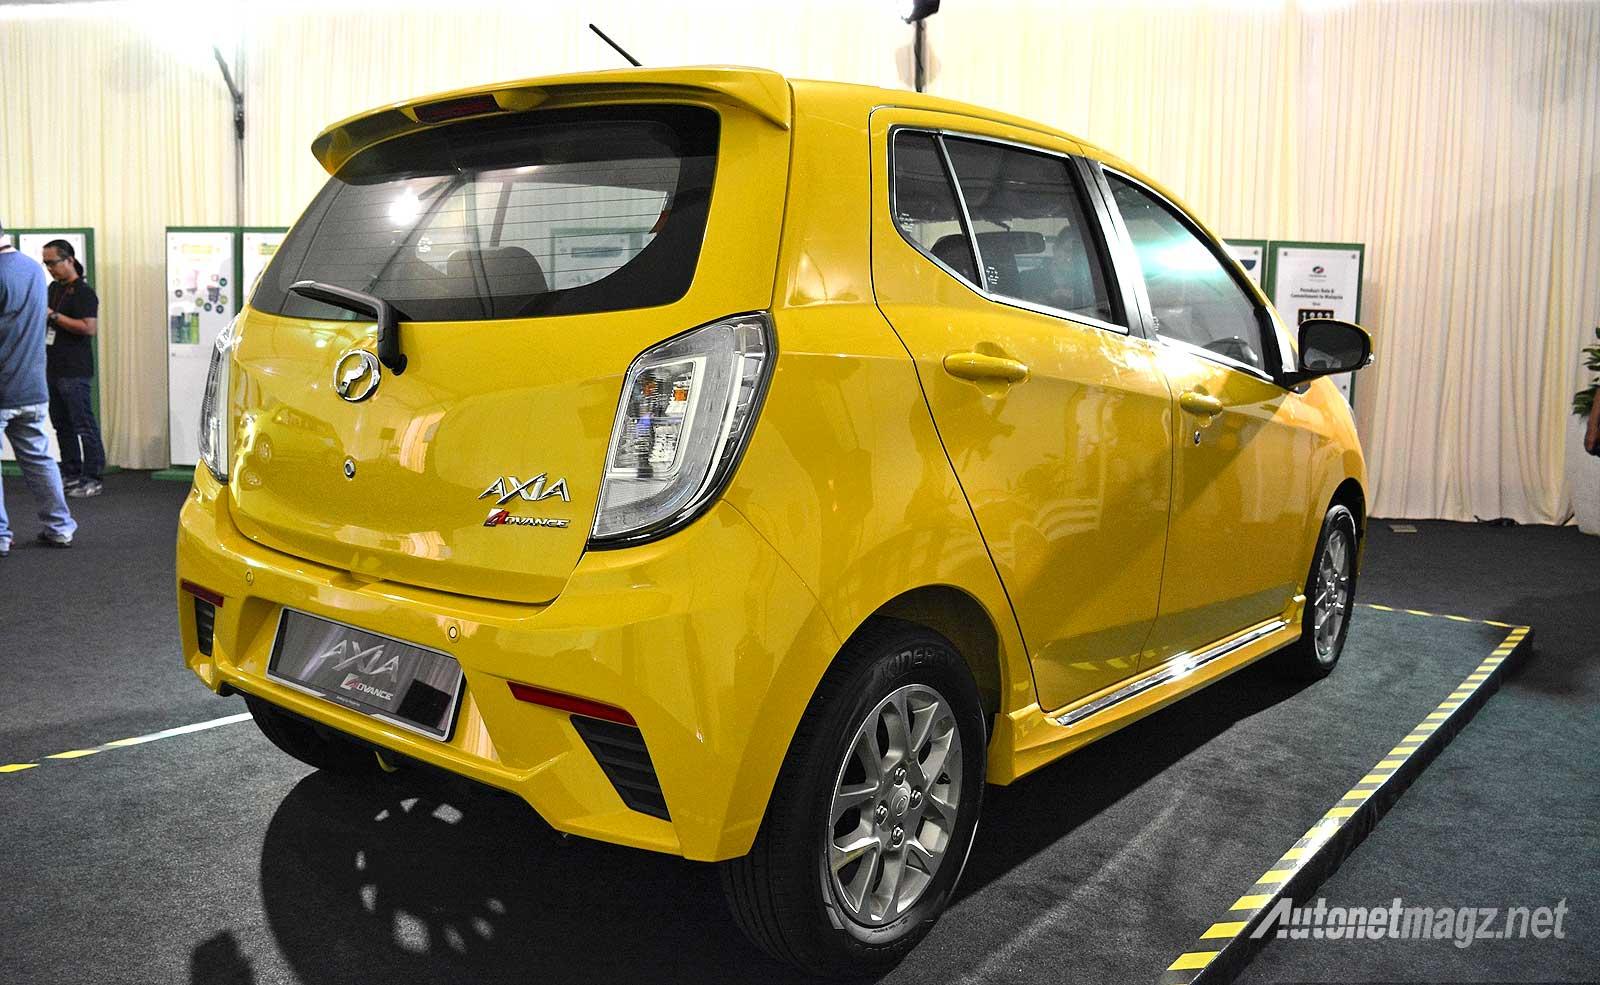 Modifikasi Mobil Agya Warna Hitam Untuk Gambar Modifikasi Mobil